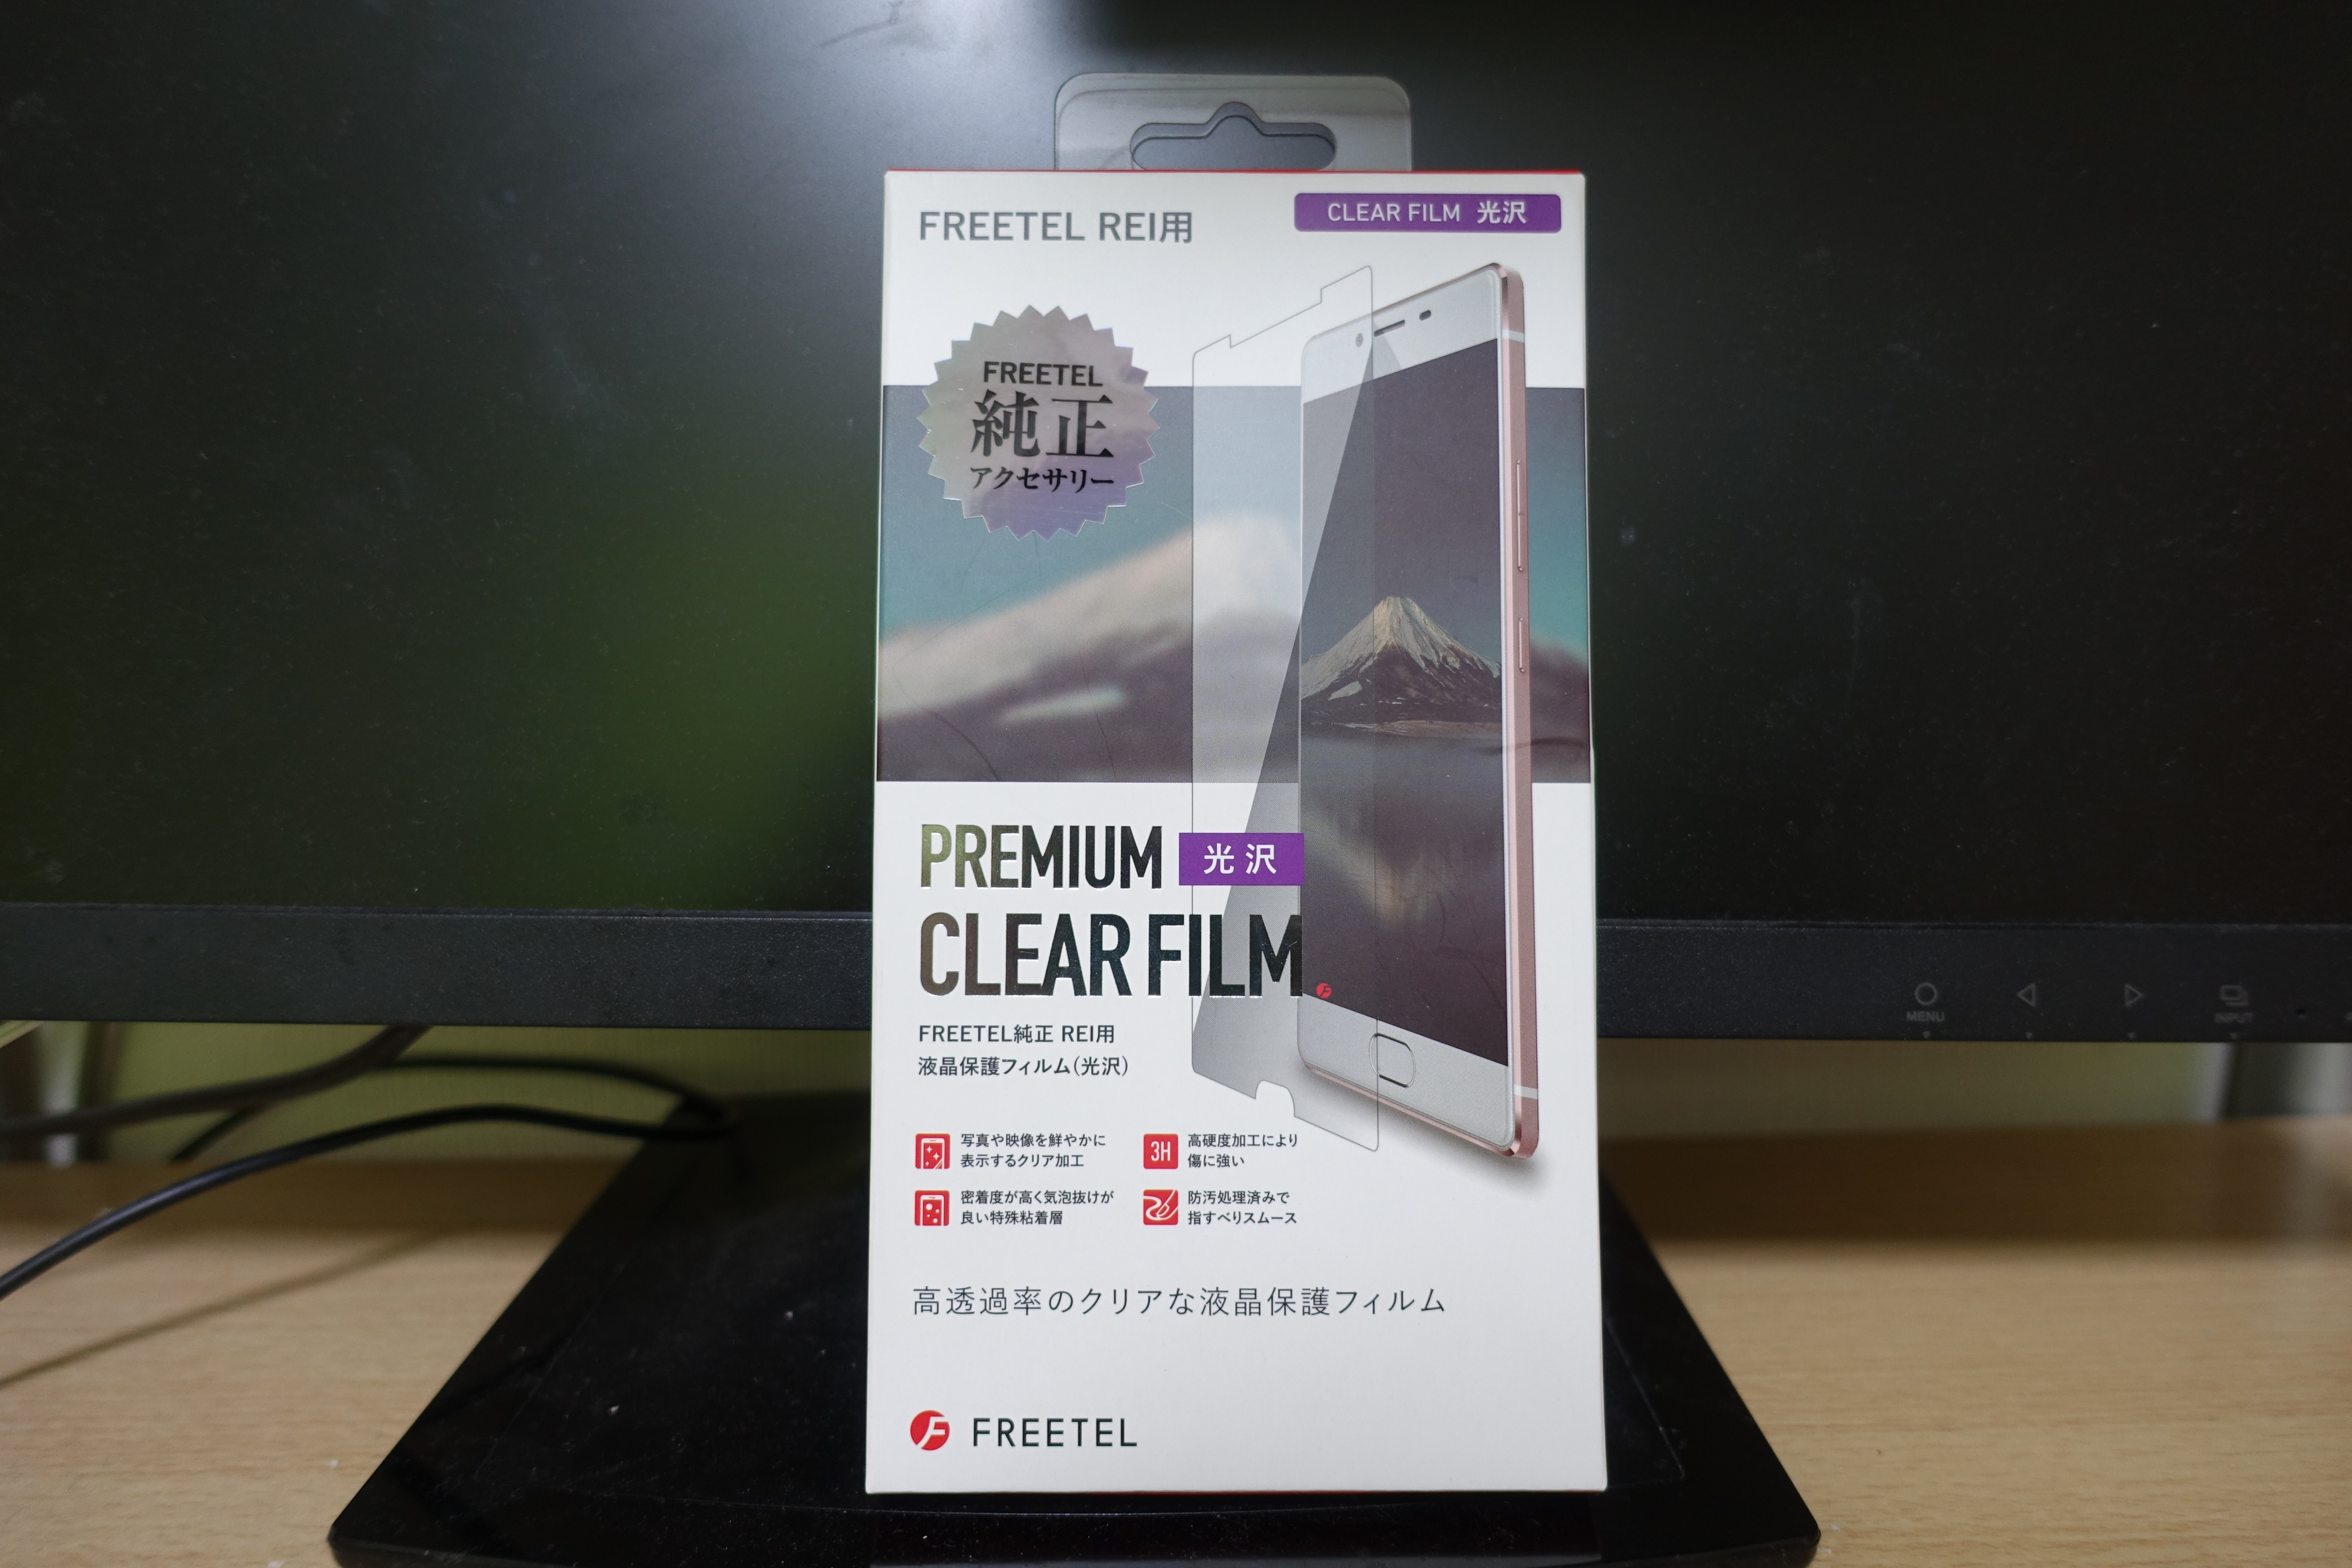 【レビュー】Freetel SAMURAI REI 純正 光沢保護フィルムを付けてみた感想